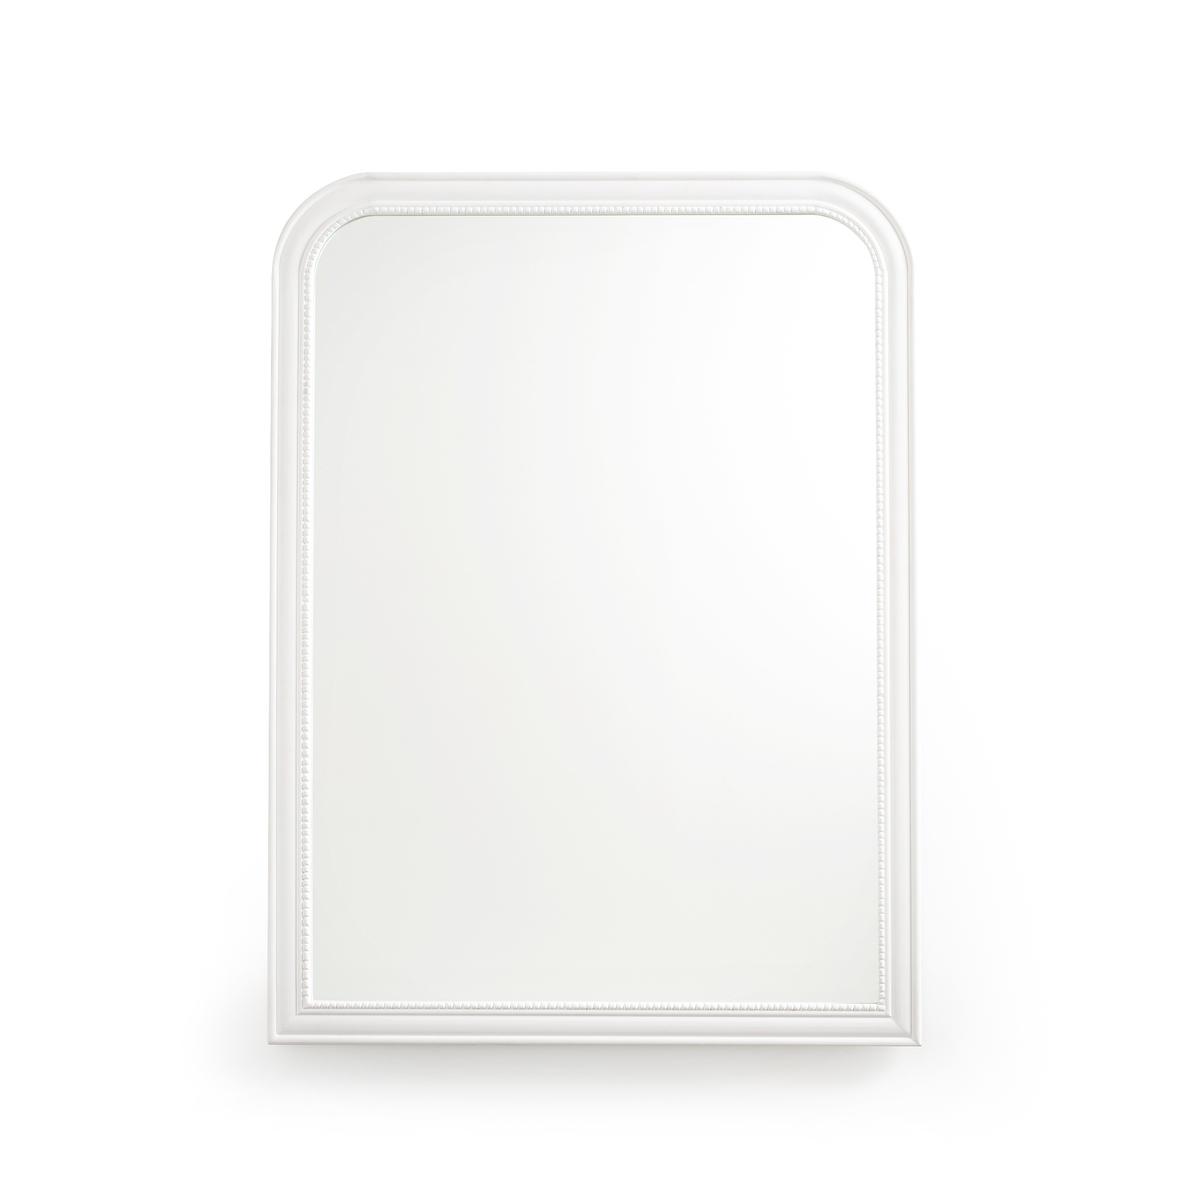 Зеркало Afsan из массива мангового дереваЗеркало Afsan из массива мангового дерева. Изысканное зеркало в старинном стиле с золотистым покрытием под старину, отделка стразами.Описание зеркала AfsanМассив мангового дерева с золотистым покрытием под старинуОтделка стразами2 панели для настенного крепления (винты и крепления продаются отдельно)Размеры зеркала AfsanШирина : 90 смВысота : 120 см<br><br>Цвет: белый,золотистый состаренный